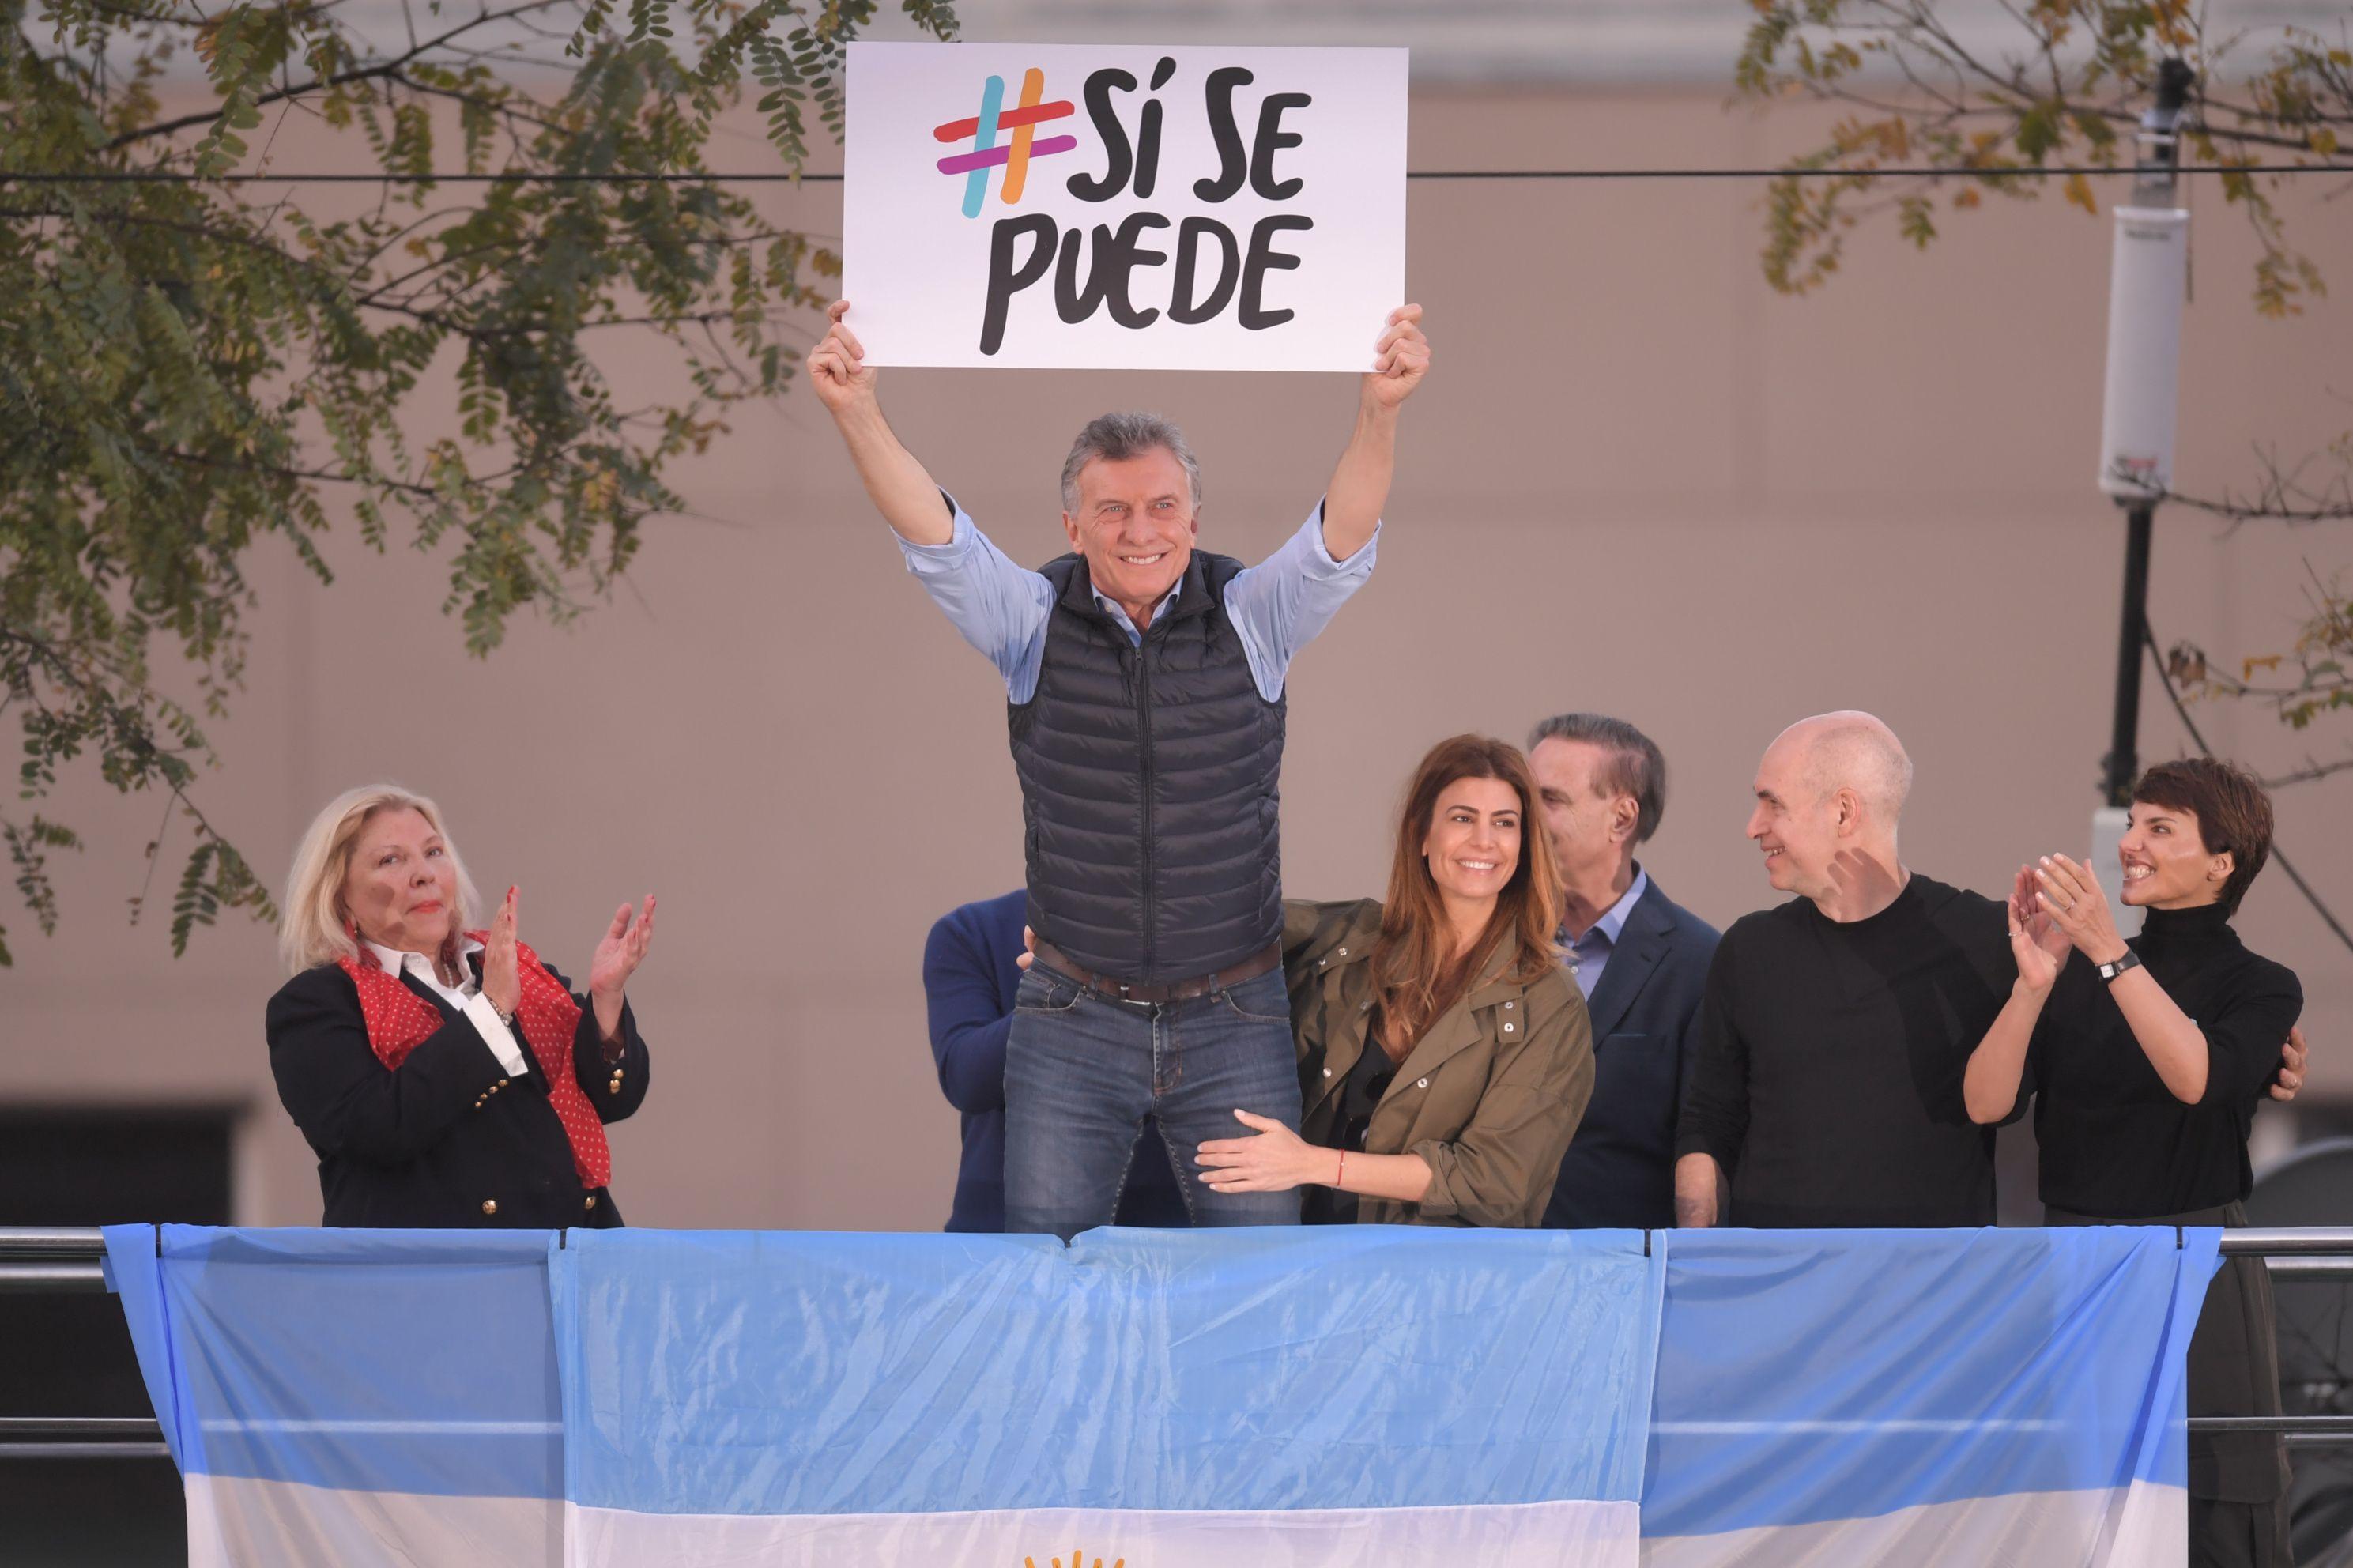 Buenos Aires, Córdoba y Santa Fe, los próximos destinos de Macri en las marchas del Sí se puede